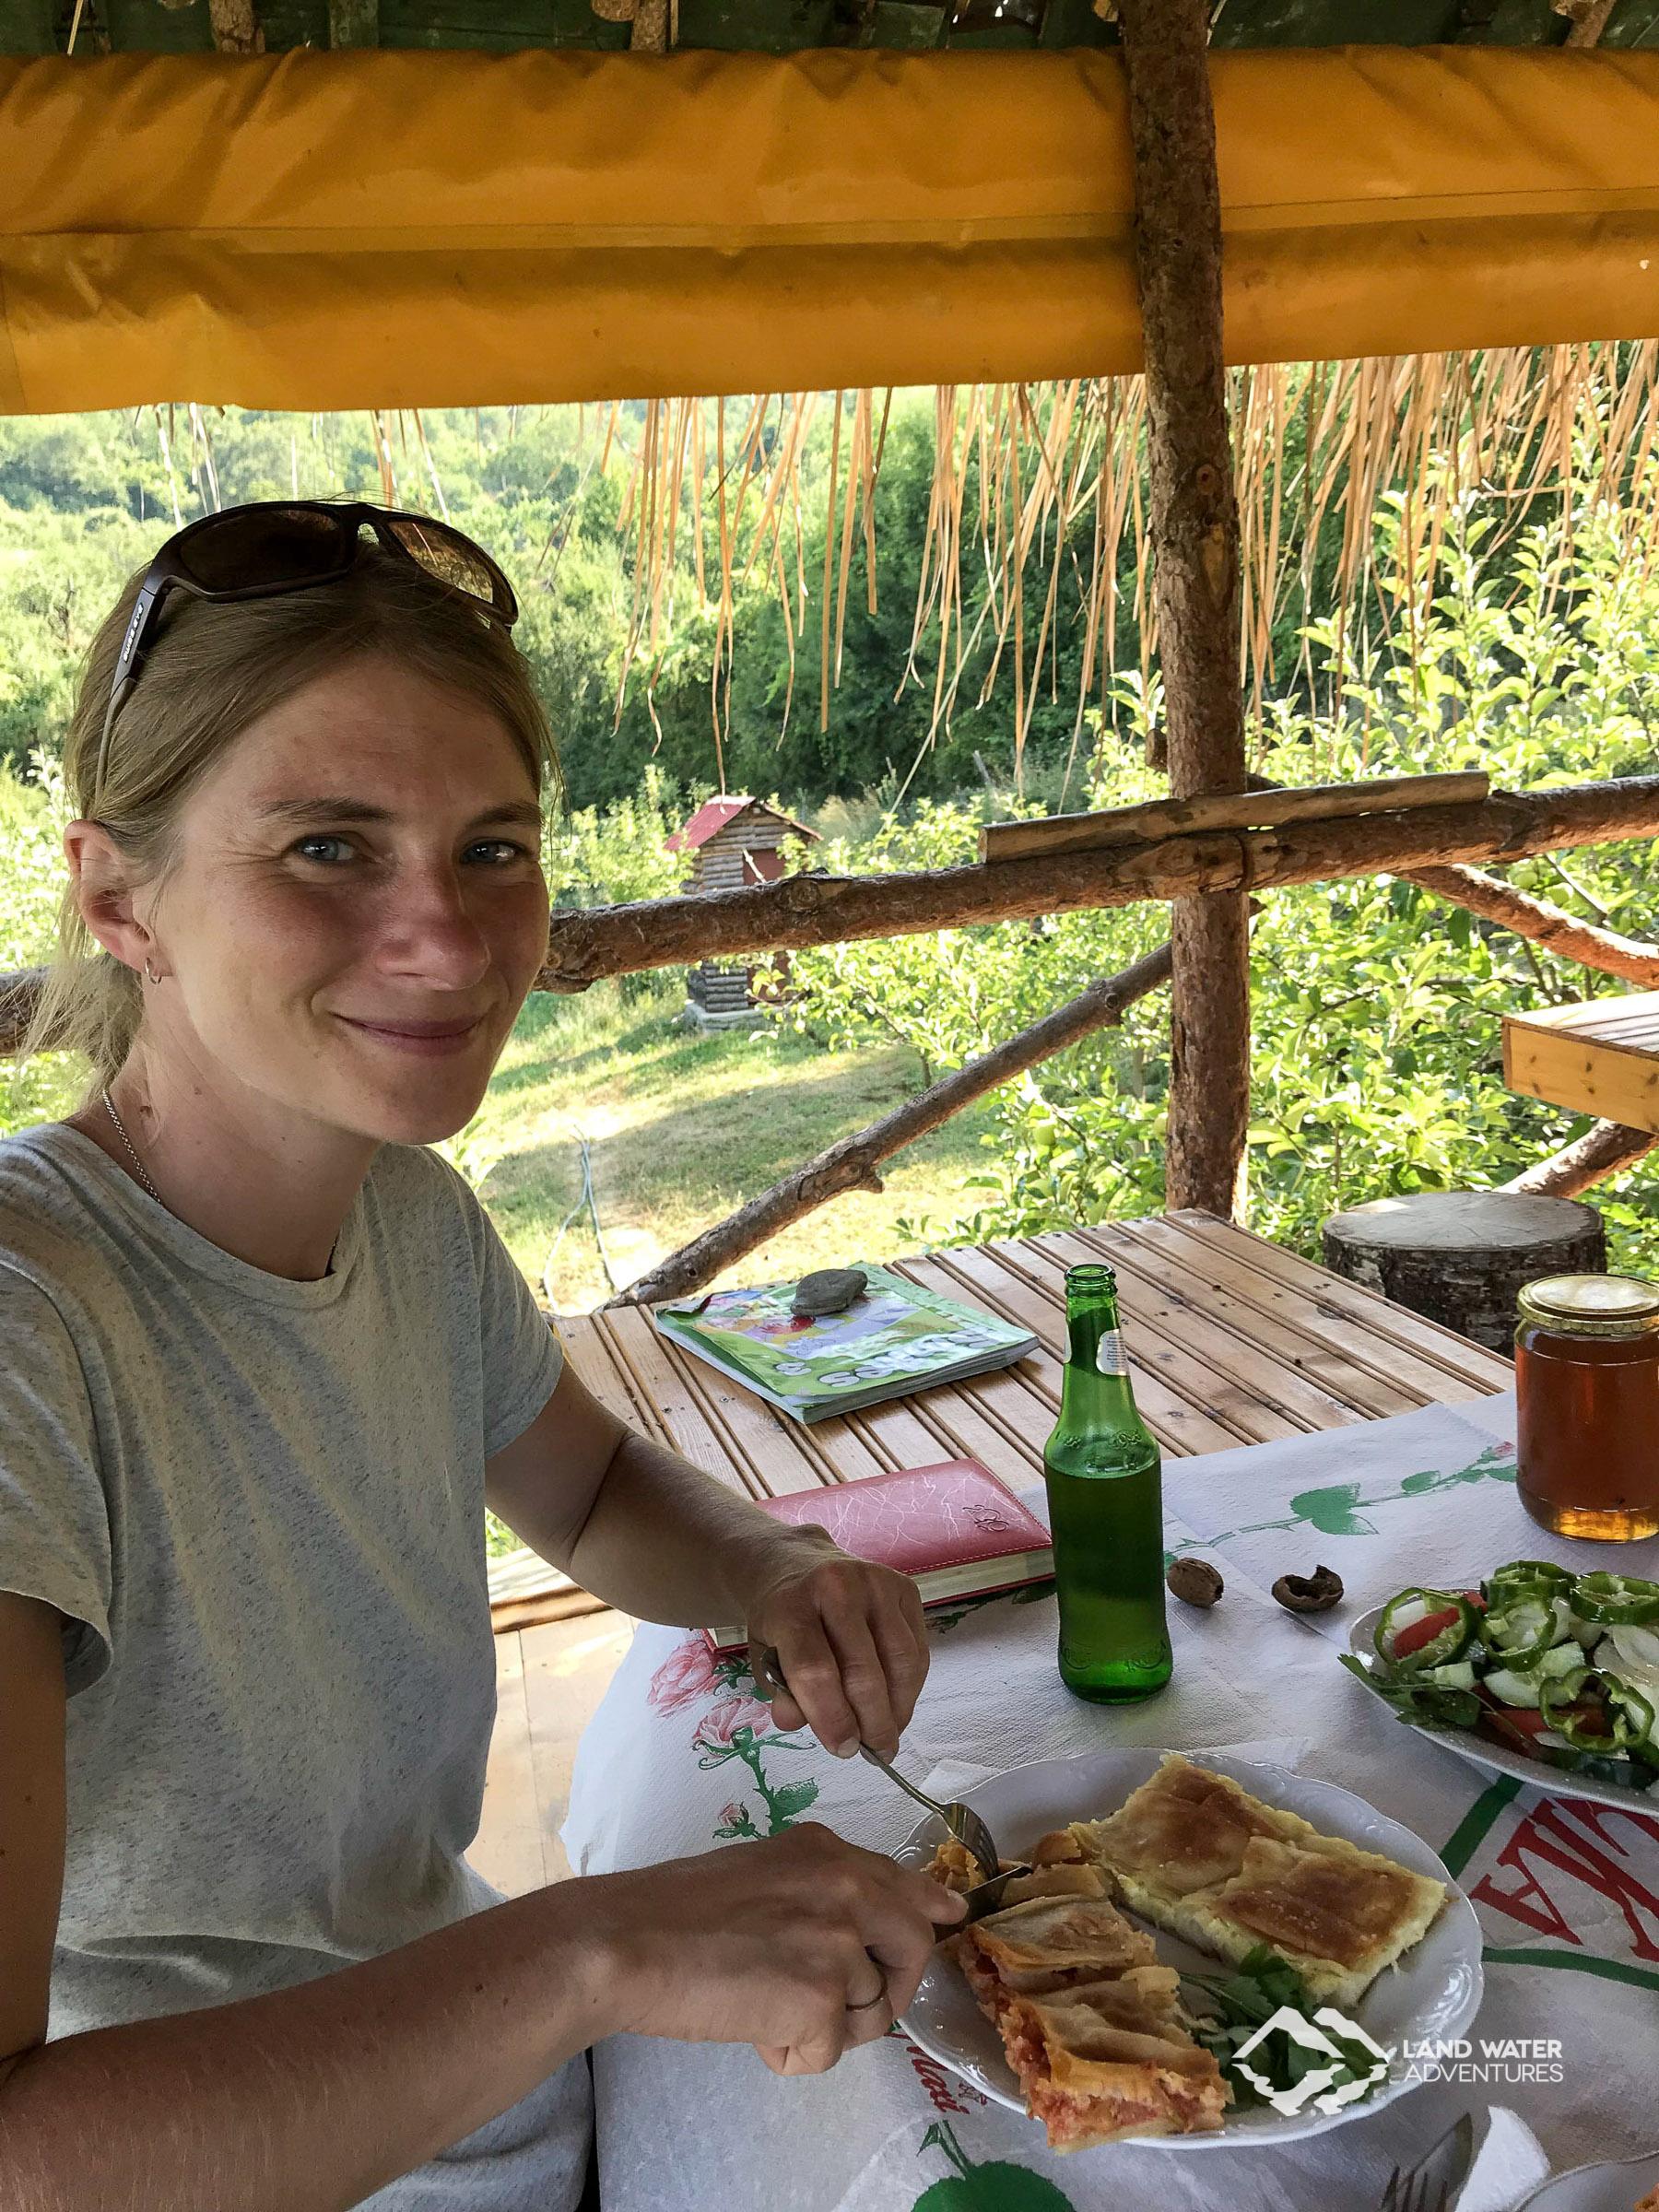 Susanne beim Genuss der albanischen Gastfreundschaft © Land Water Adventures